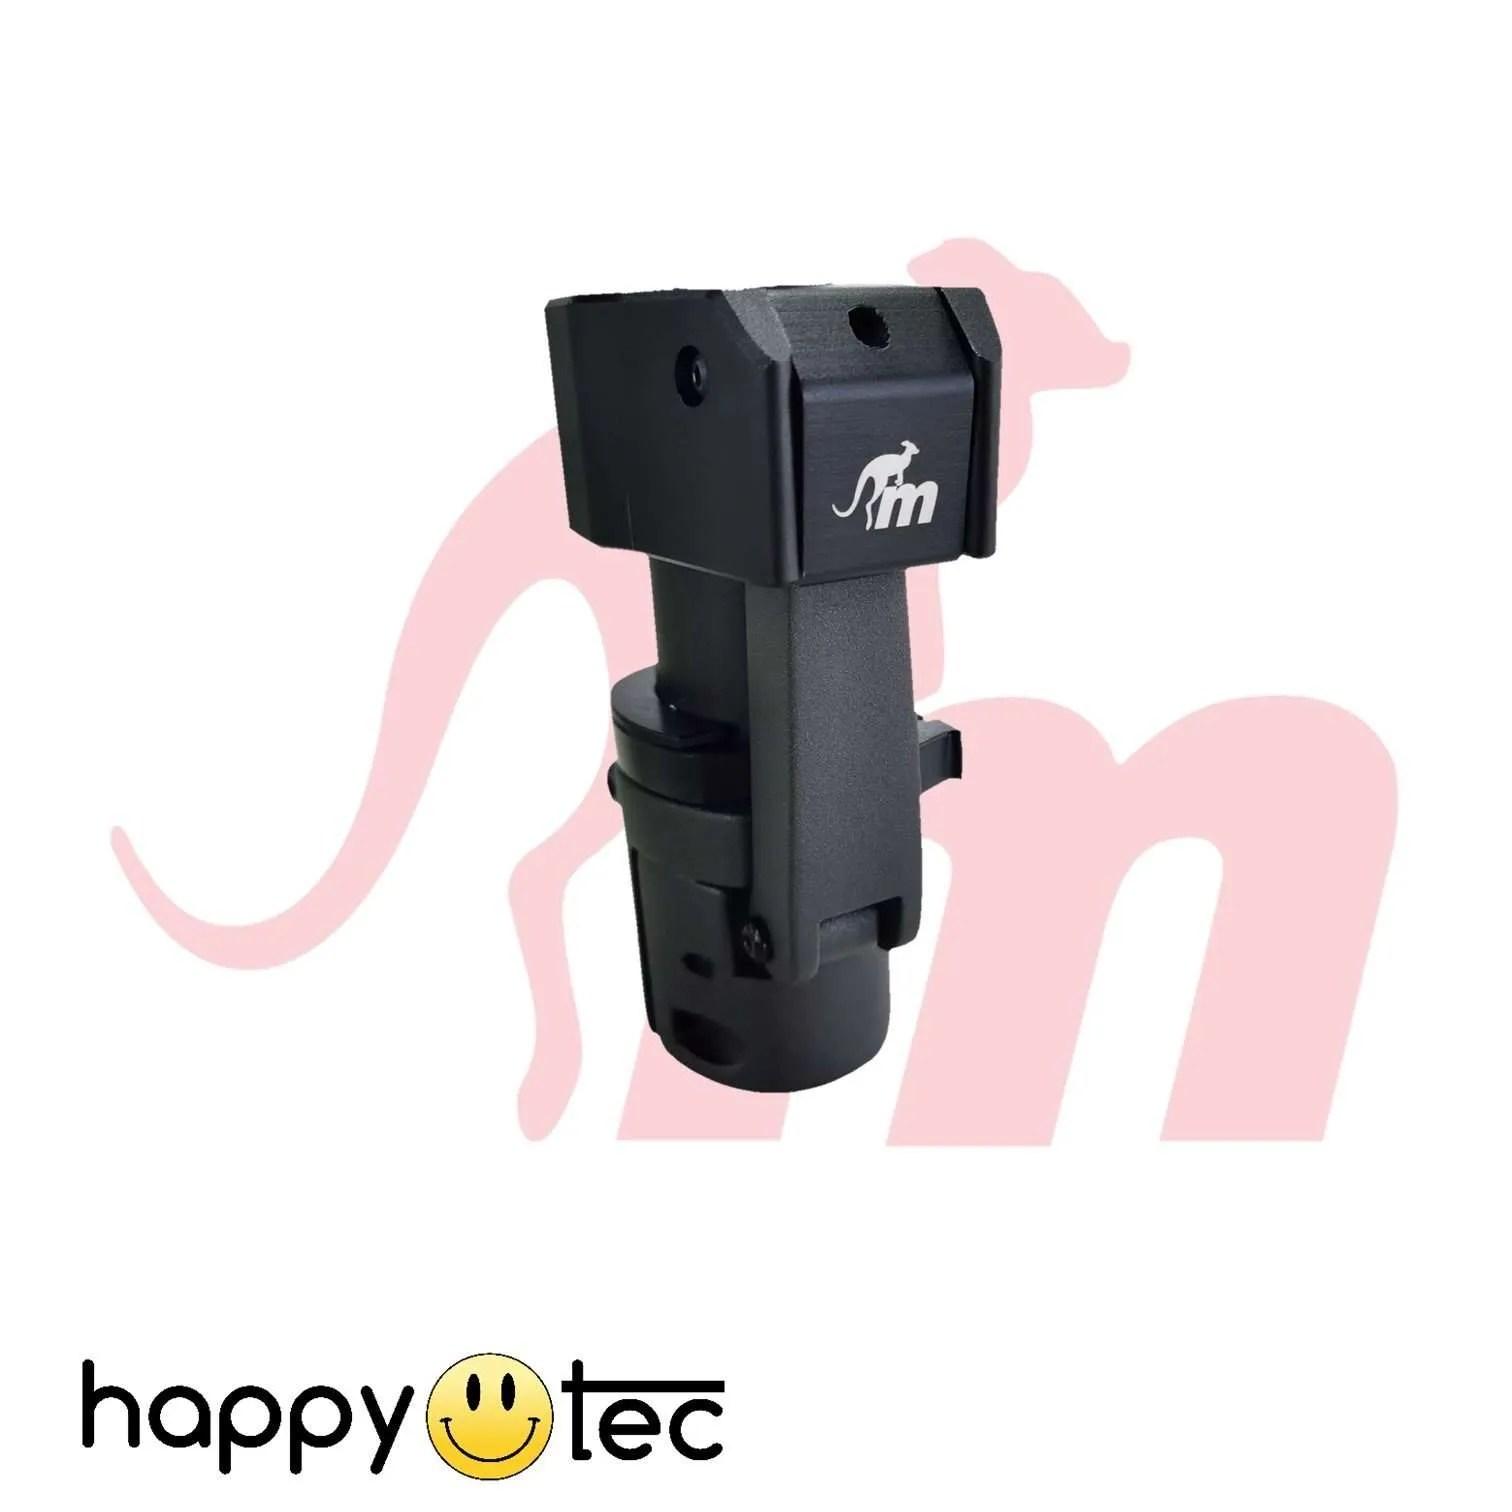 Ninebot-G30-Max-Sistema-di-bloccaggio-leva-asta-by-Monorim-Nero ricambi accessori riparazione assistenza tecnica monopattini elettrici monorim